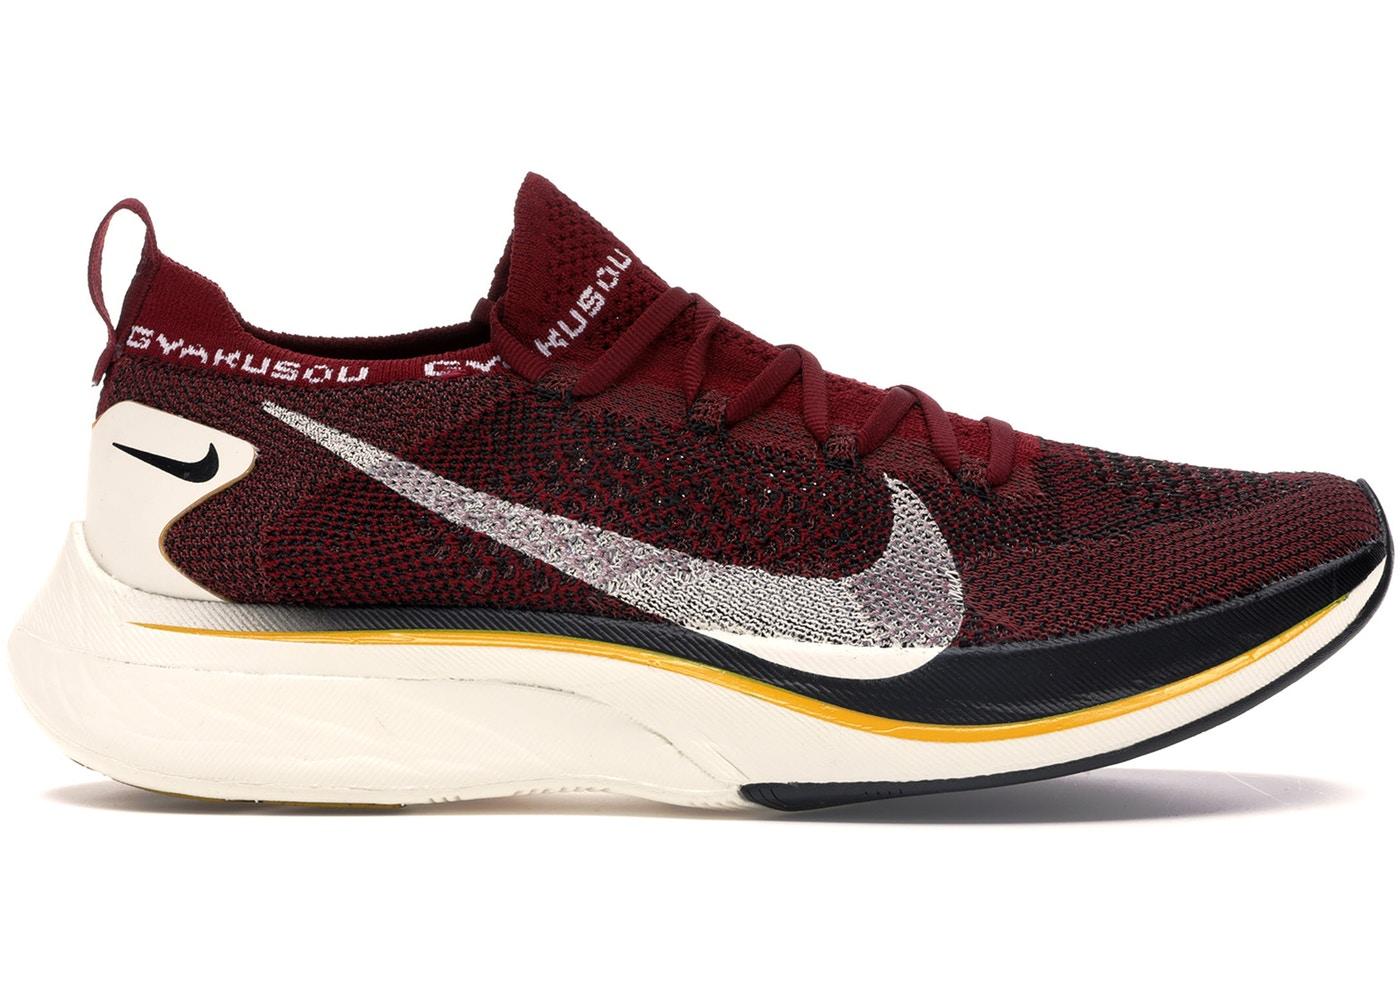 Gyakusou x Nike Vaporfly 4